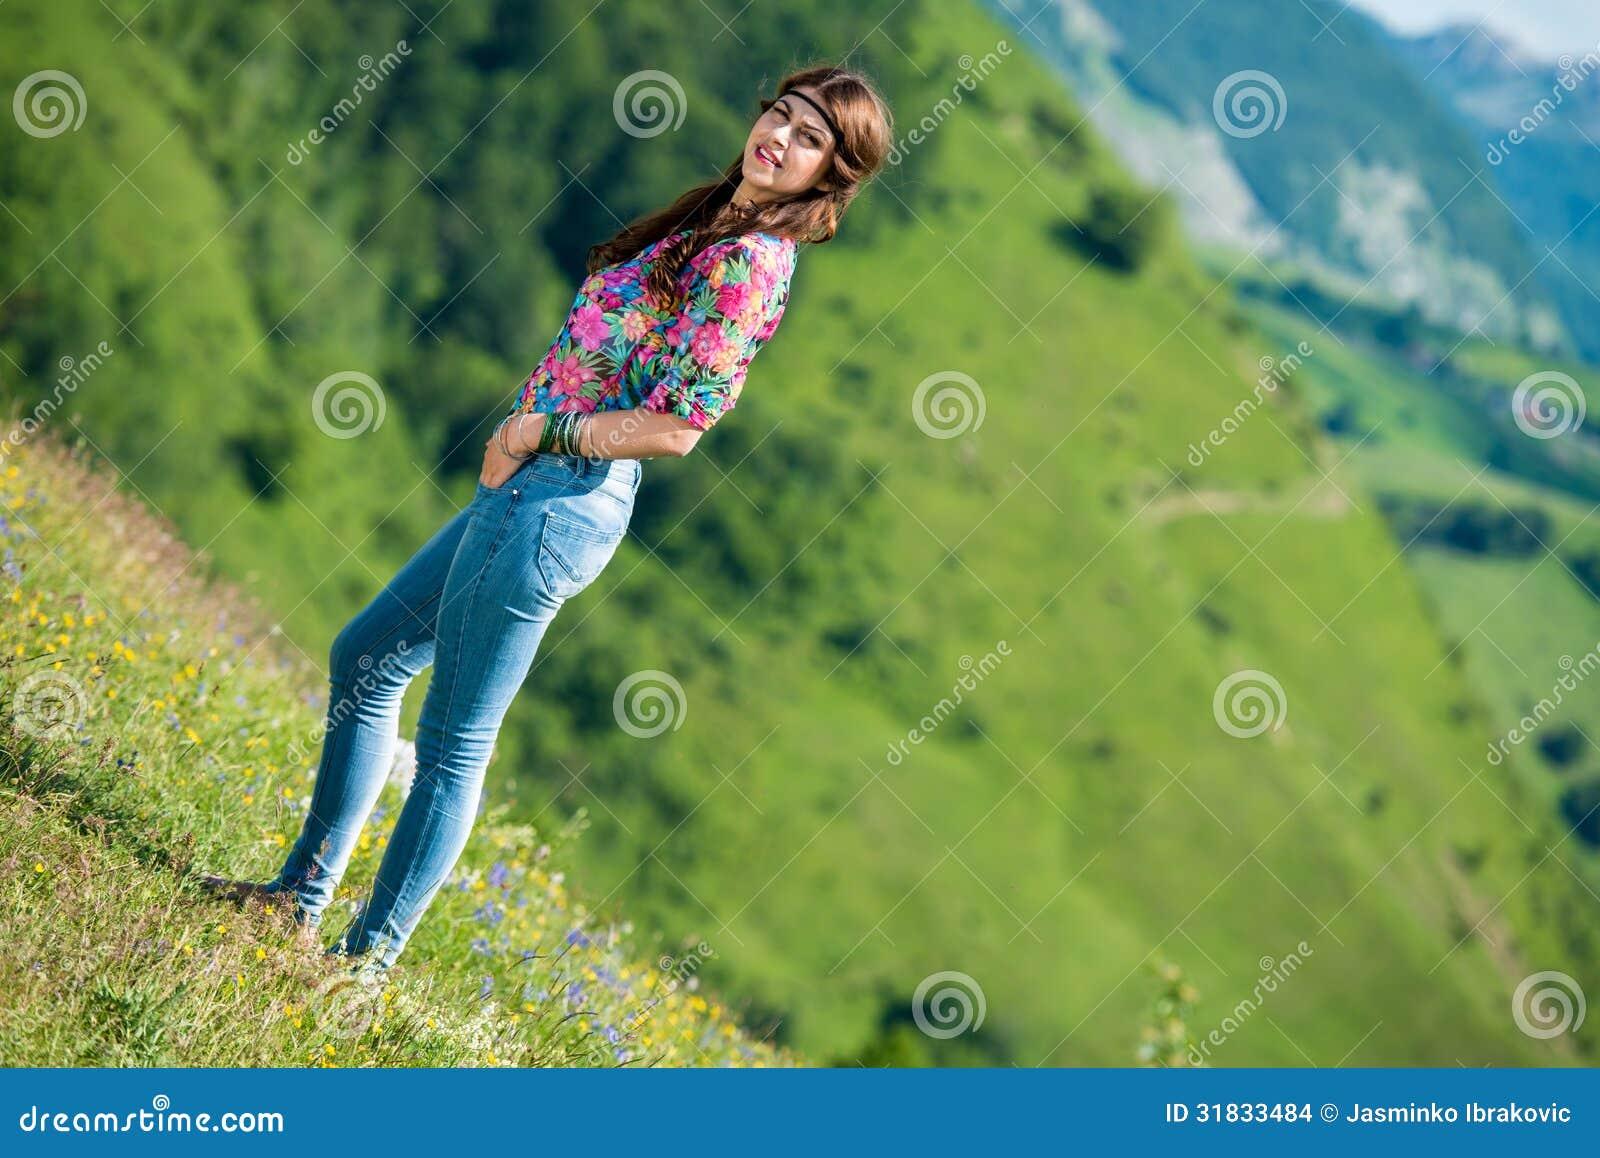 Красивая женщина в джинсах стоя на траве